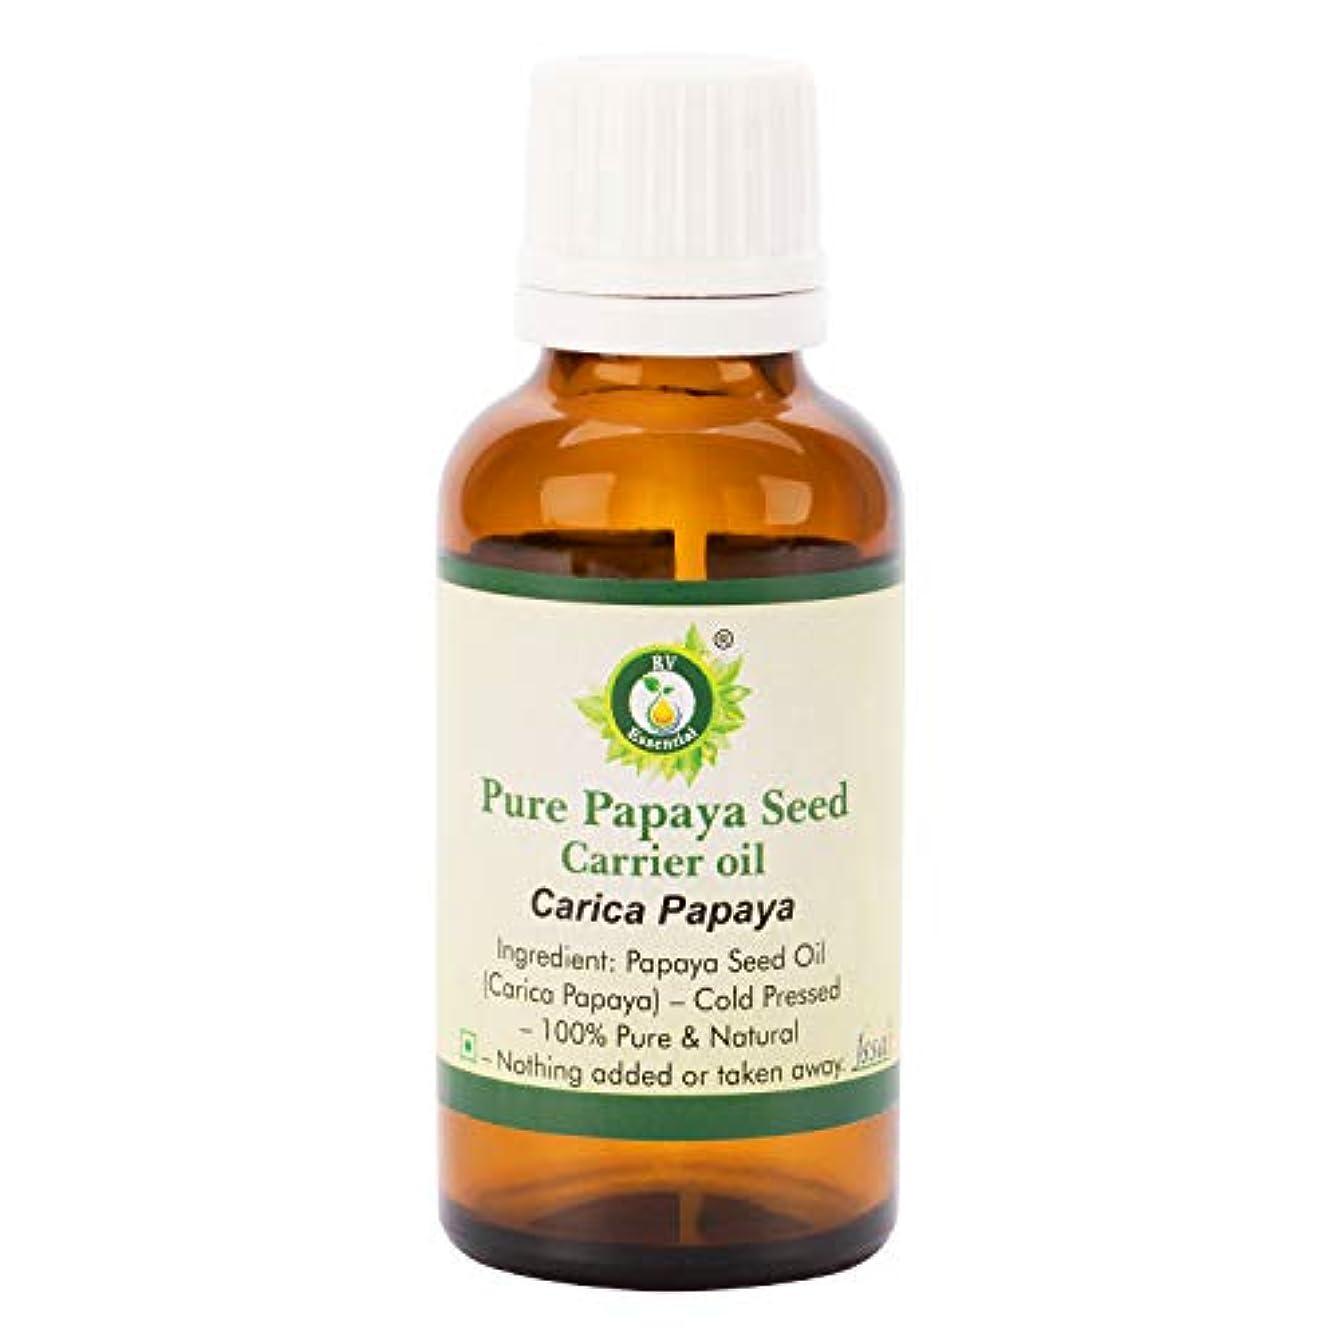 炭素言い訳おっと純粋なパパイヤ種子キャリアオイル50ml (1.69oz)- Carica Papaya (100%ピュア&ナチュラルコールドPressed) Pure Papaya Seed Carrier Oil